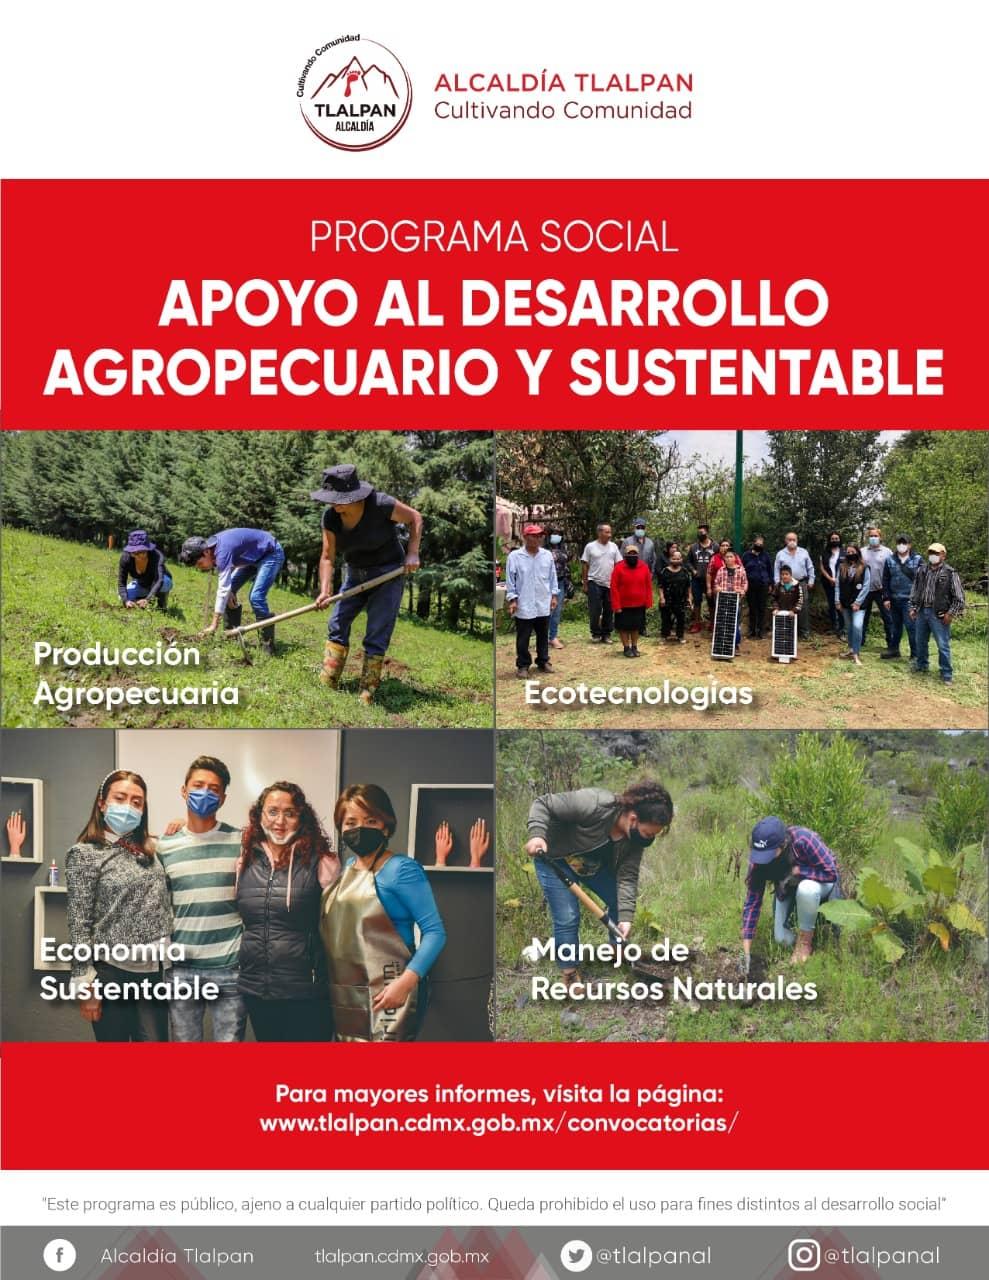 Apoyo al Desarrollo Agropecuario sustentable convocatoria